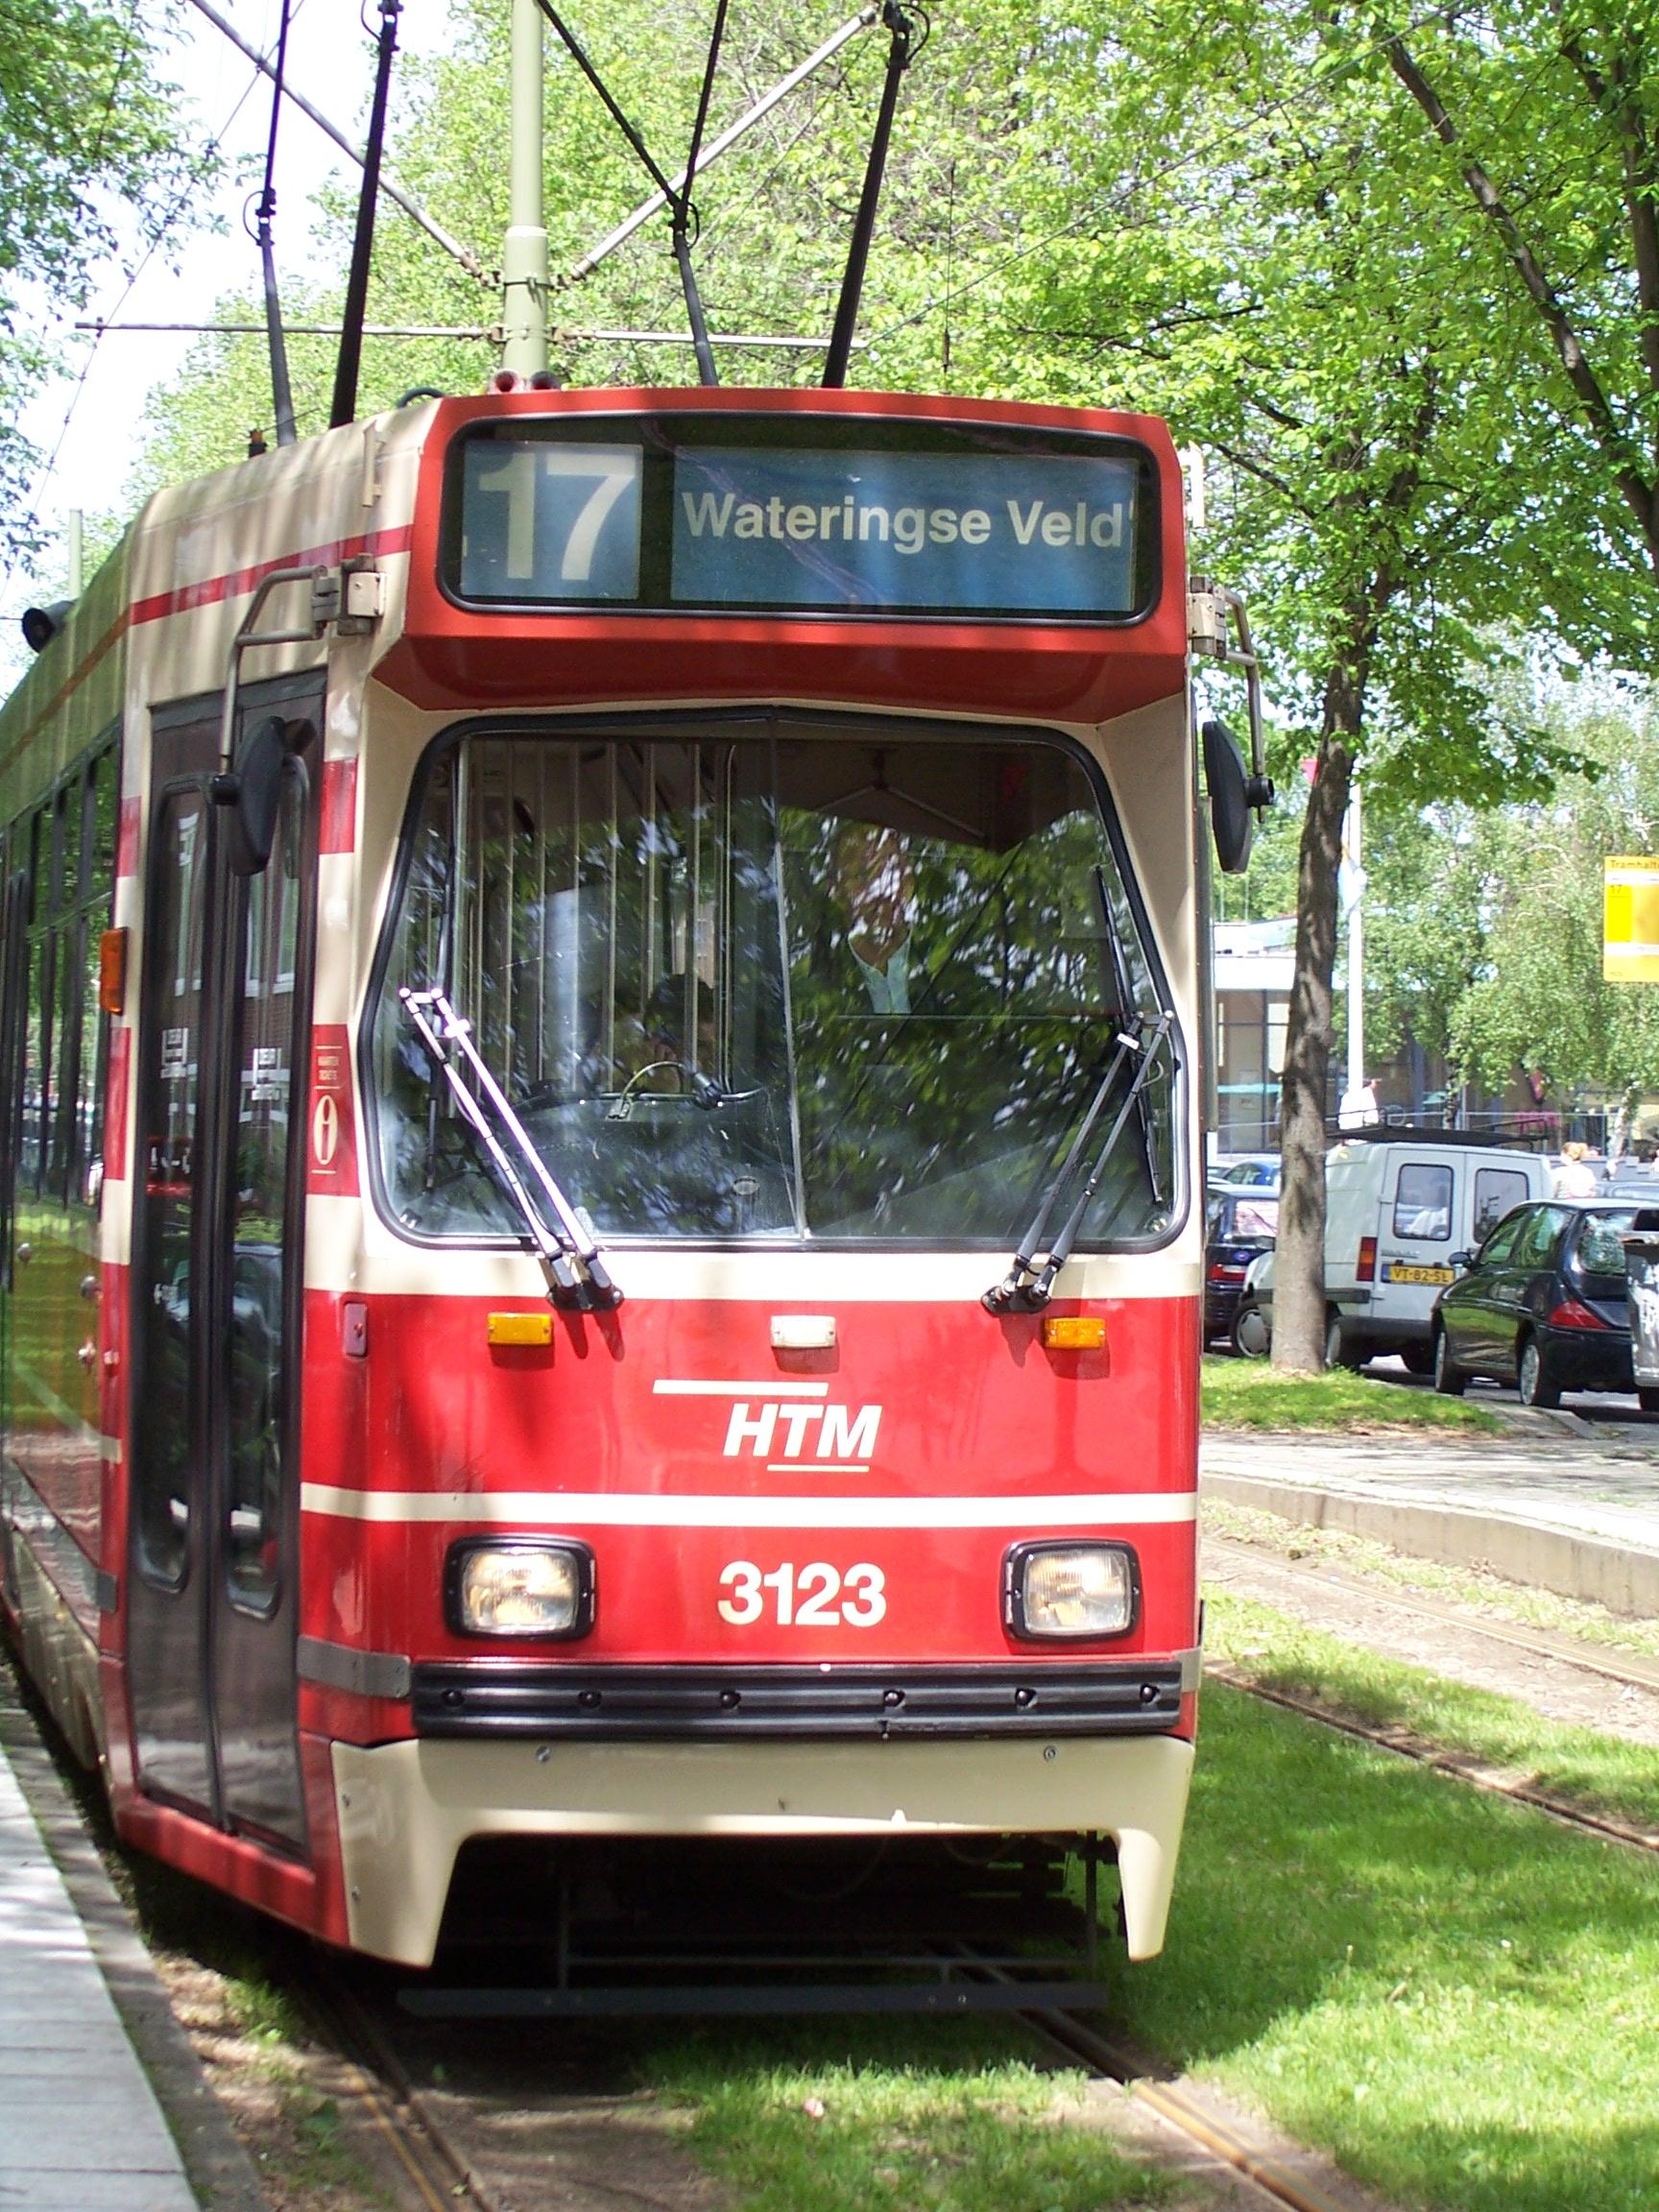 file htm tram den haag jpg wikimedia commons